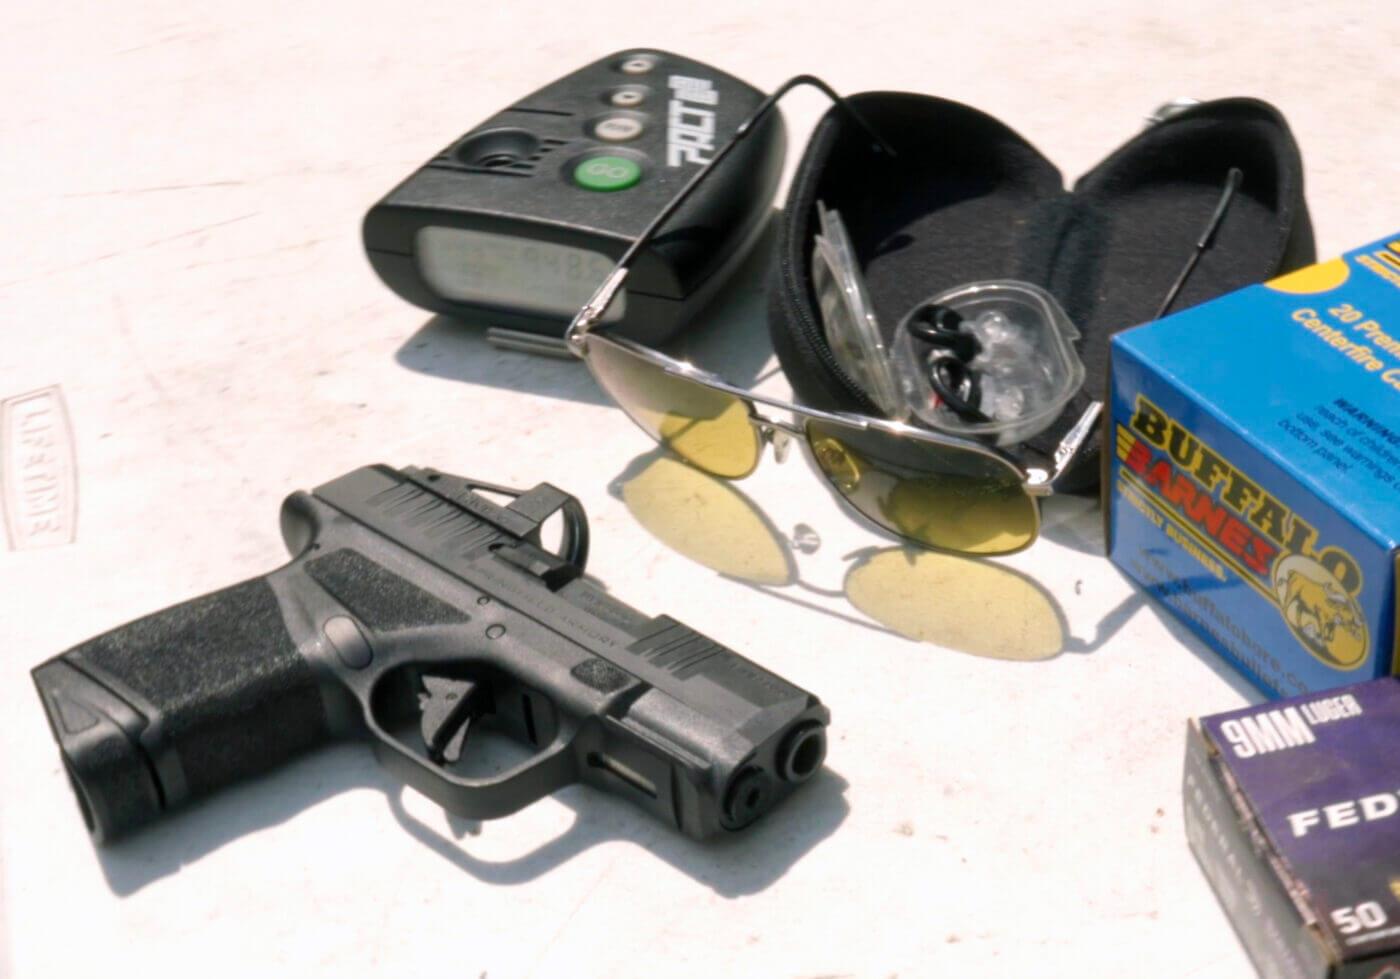 Gear for the handgun shooter